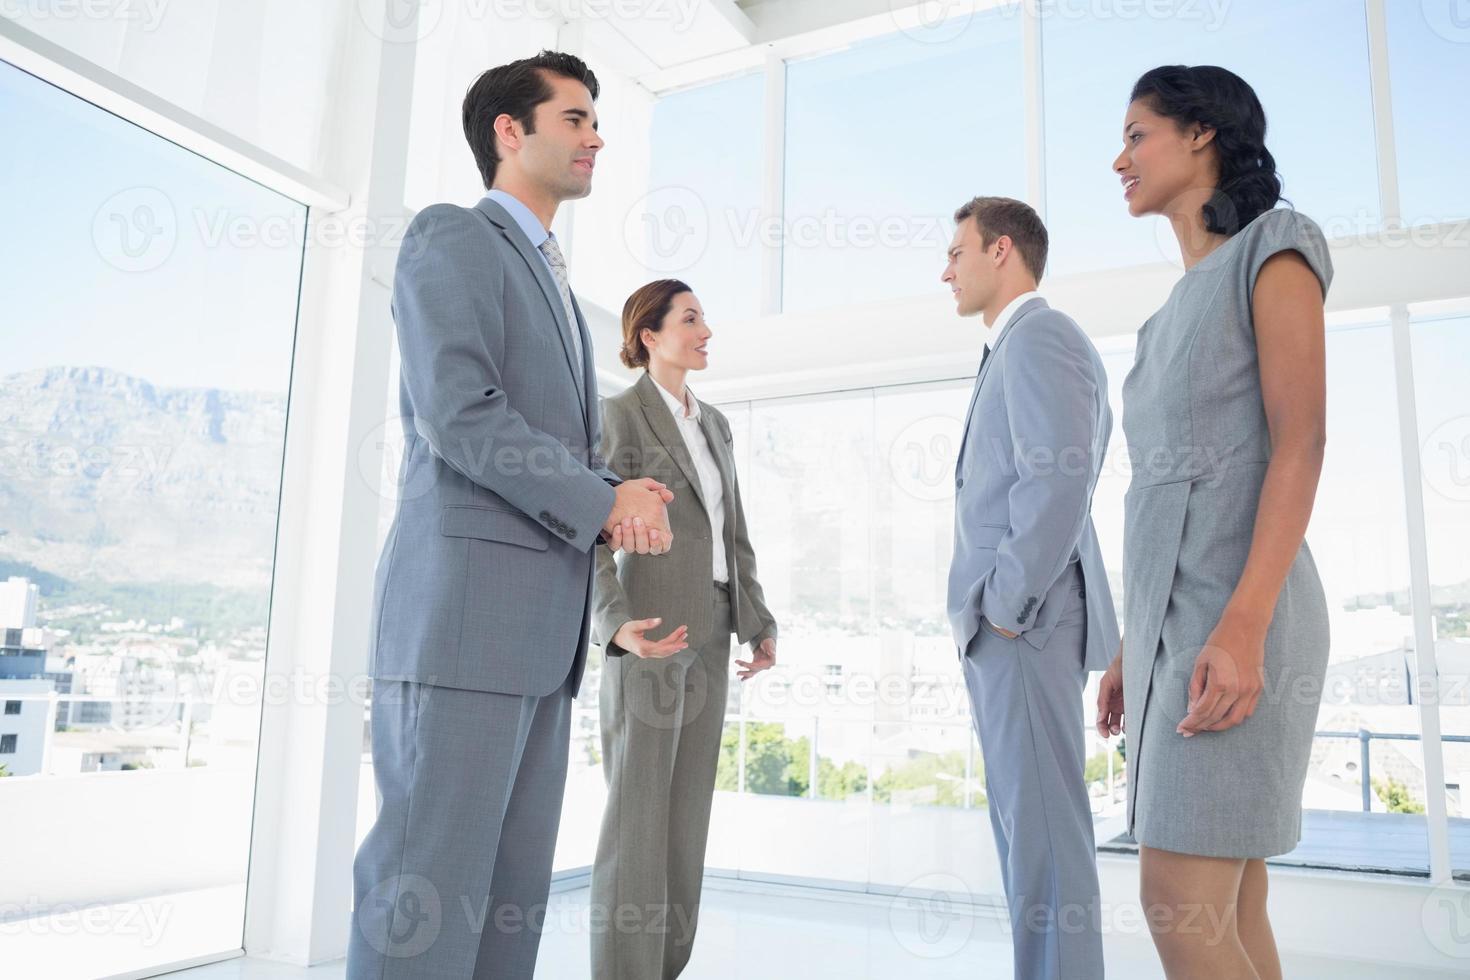 équipe commerciale ayant une conversation photo